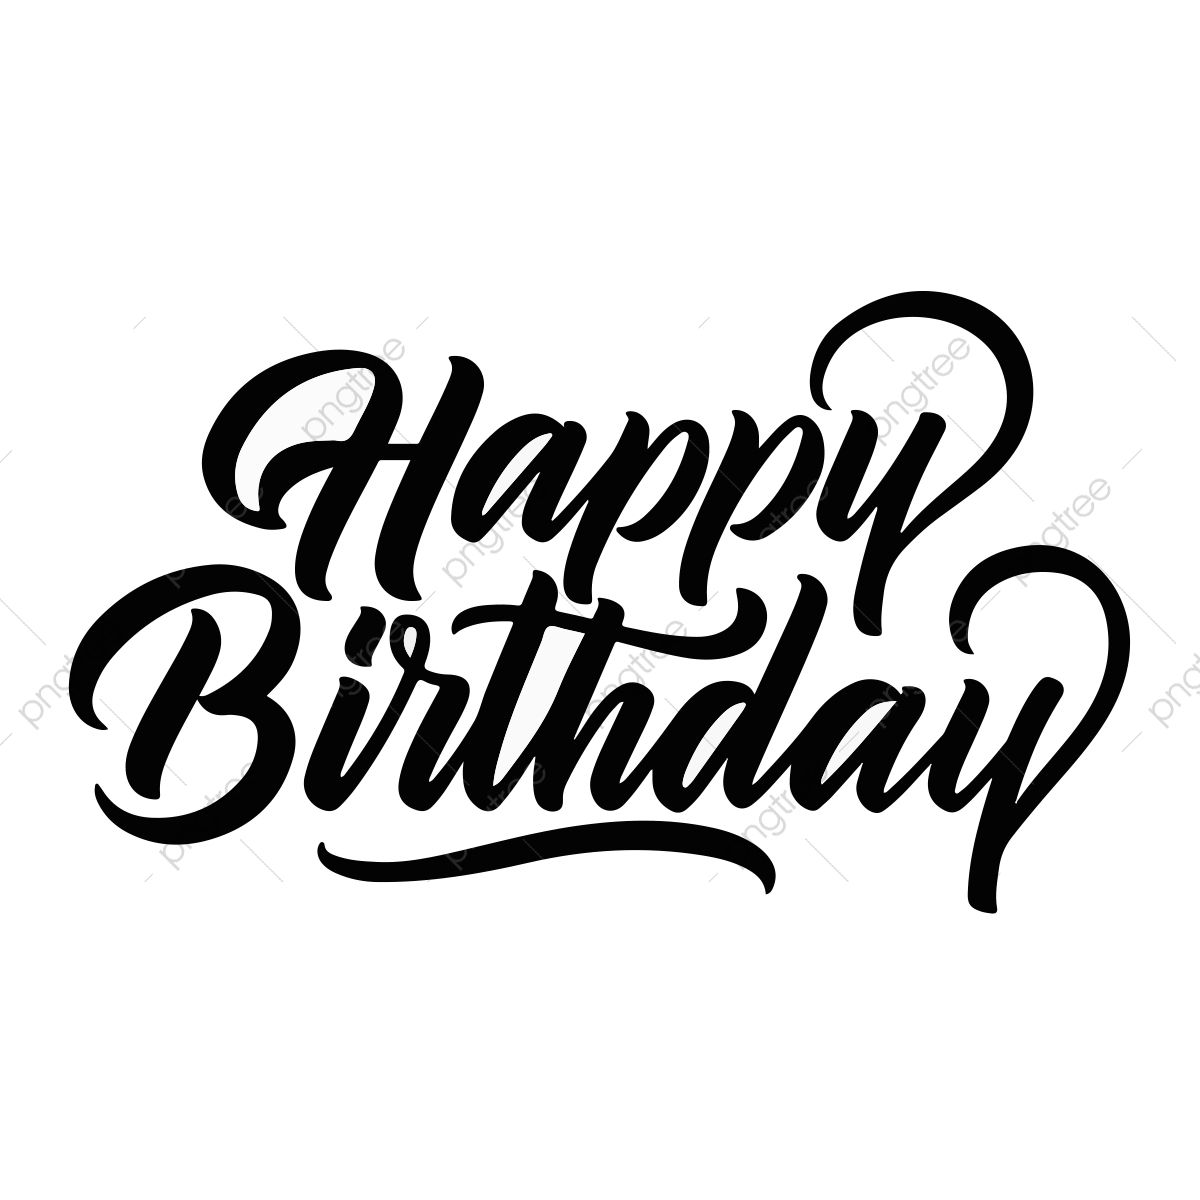 Happy Birthday Happy Birthday Calligraphy Happy Birthday Caligraphy Happy Birthday Text Ideas for happy birthday text image png